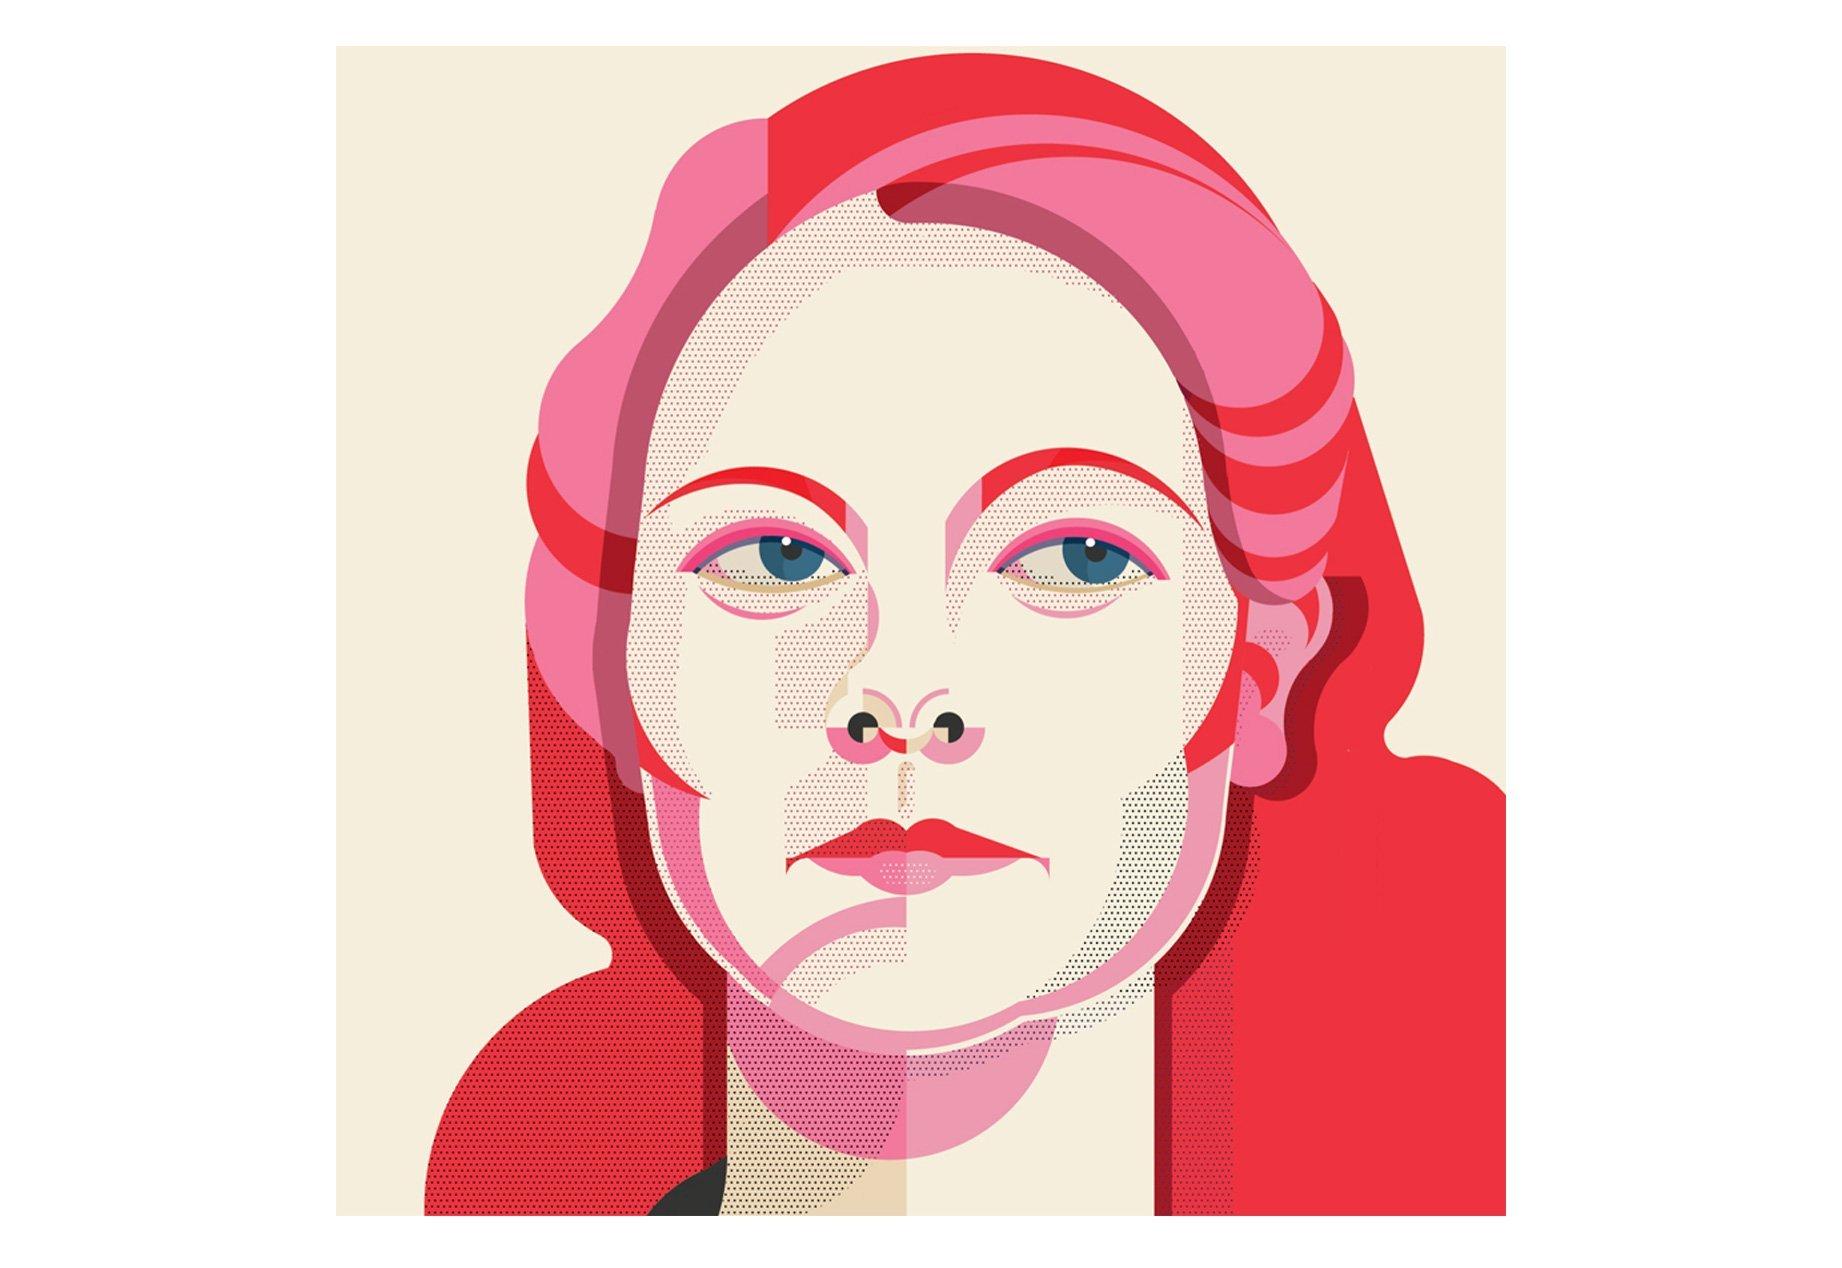 theresarussell-illustration-portrait-alice-iuri